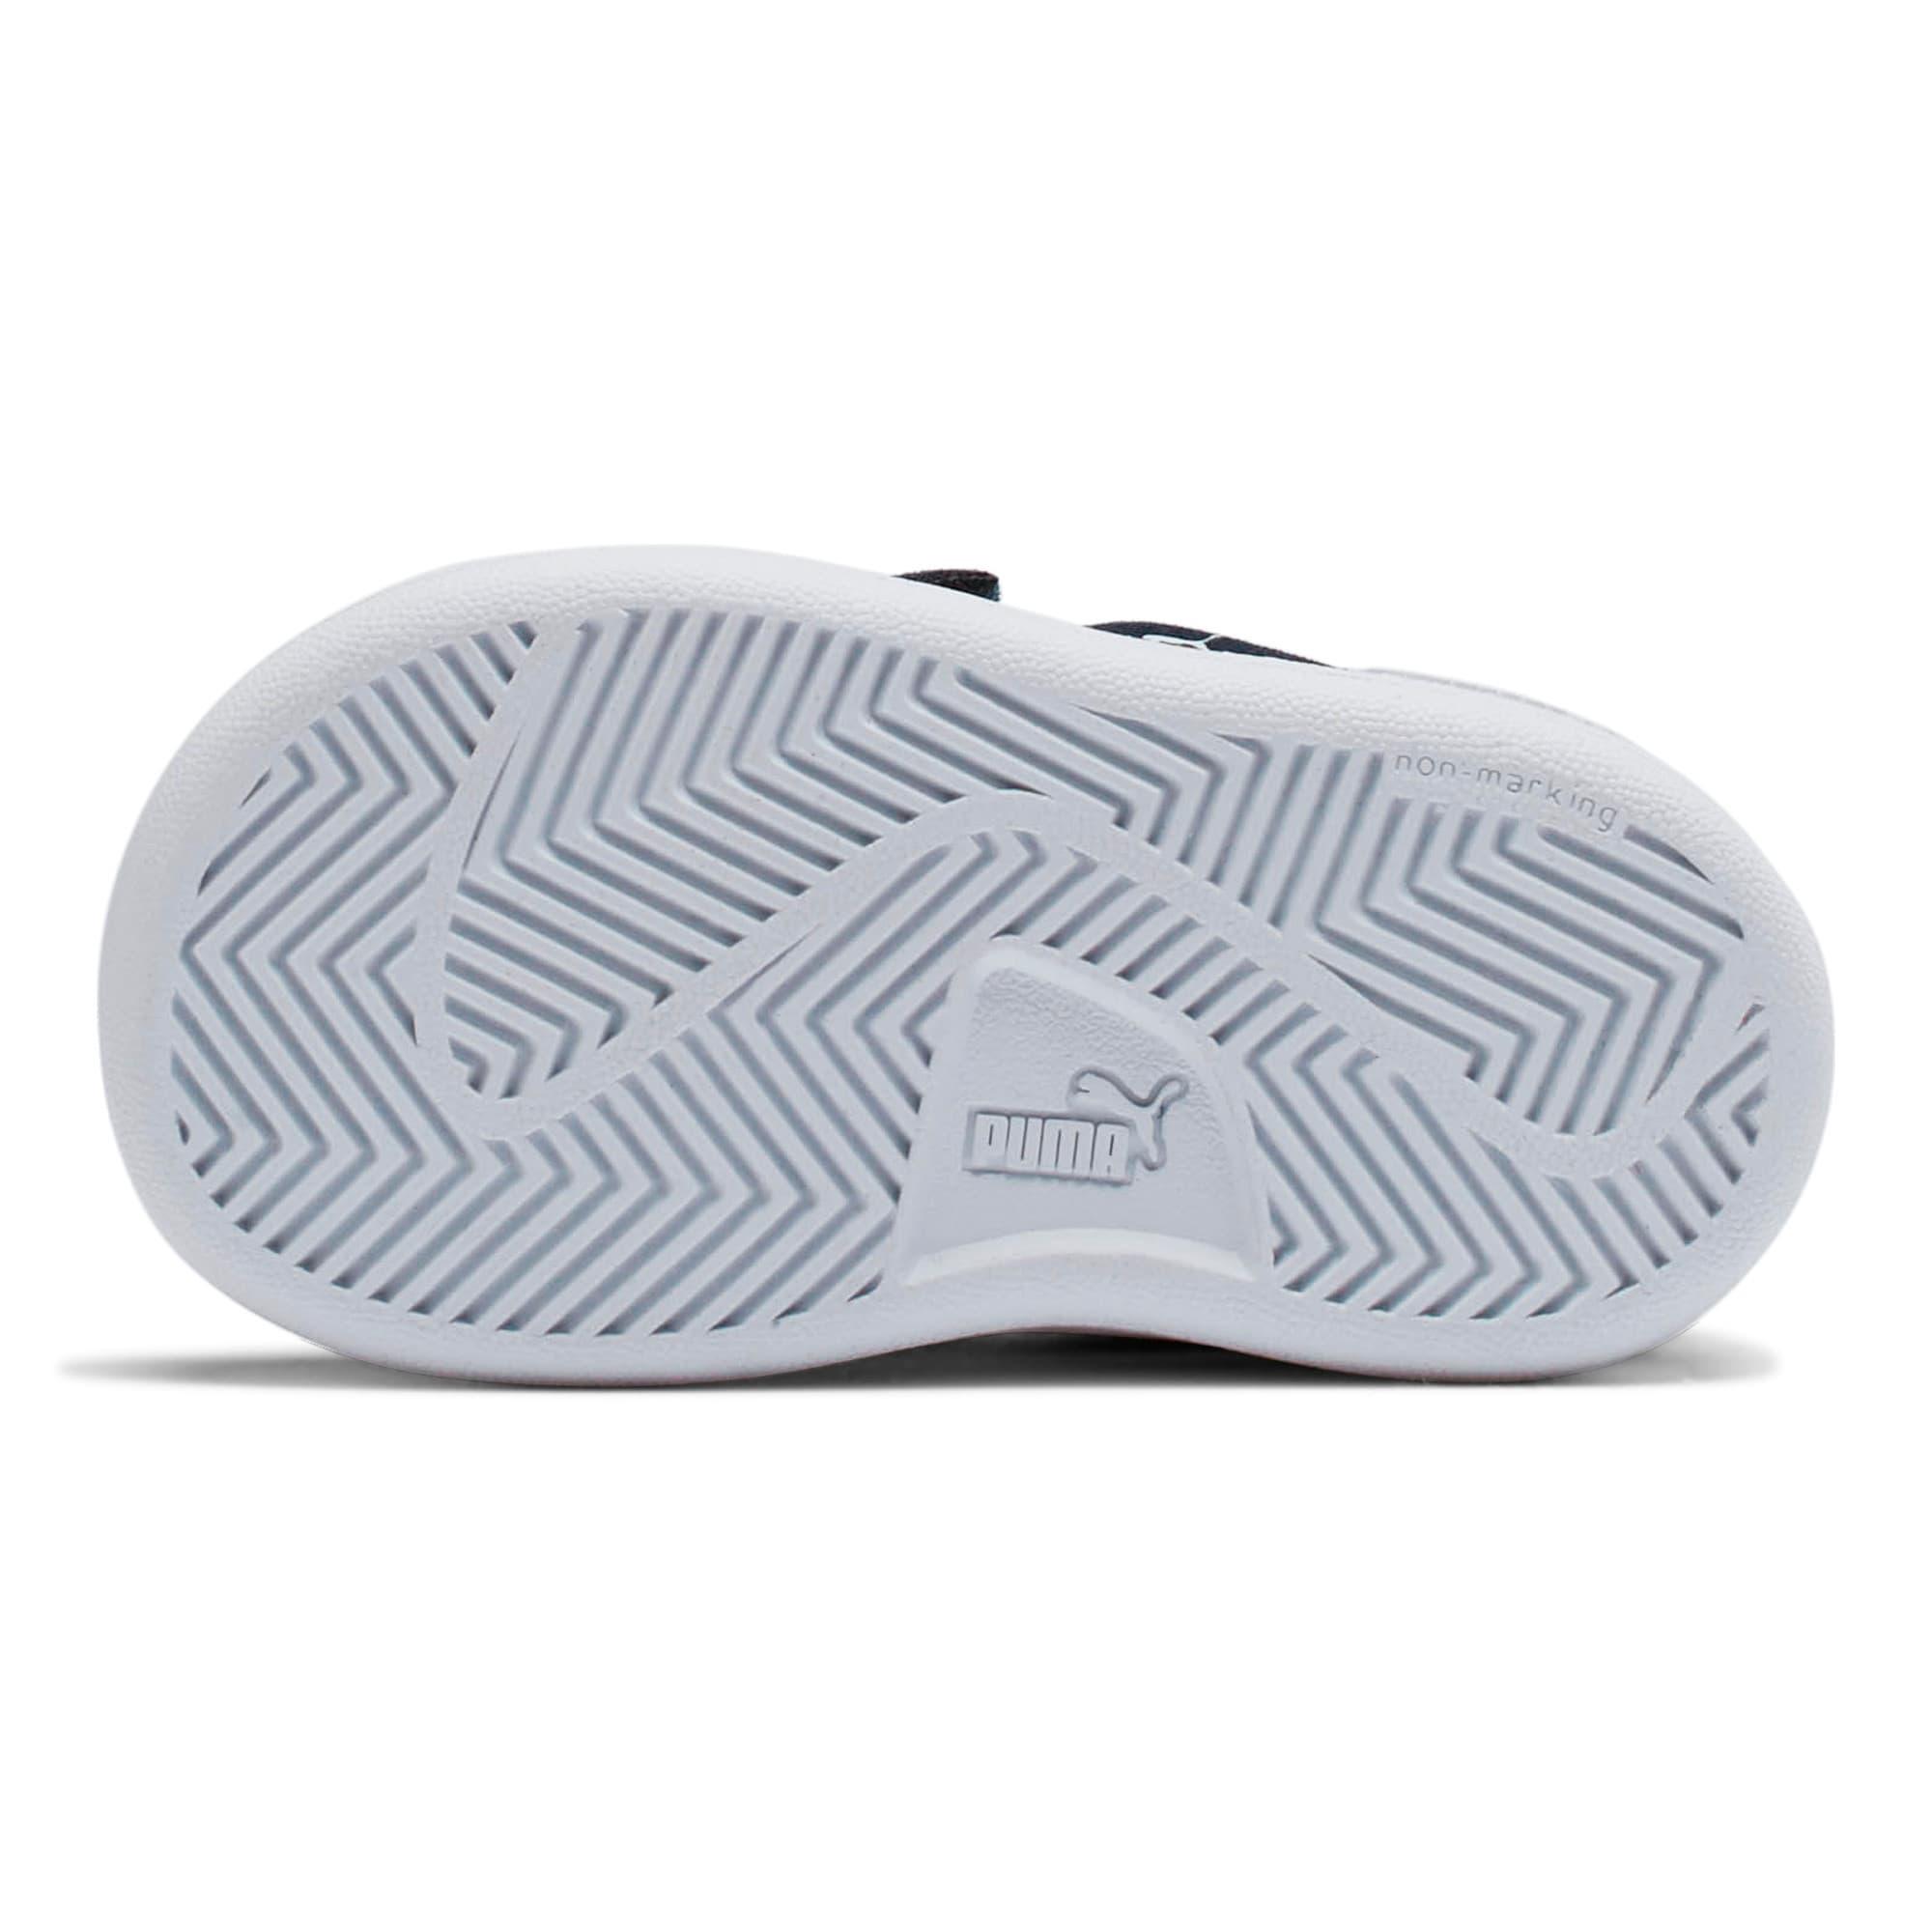 Miniatura 4 de ZapatosPUMA Smash v2Suede para bebés, Peacoat-Puma White, mediano